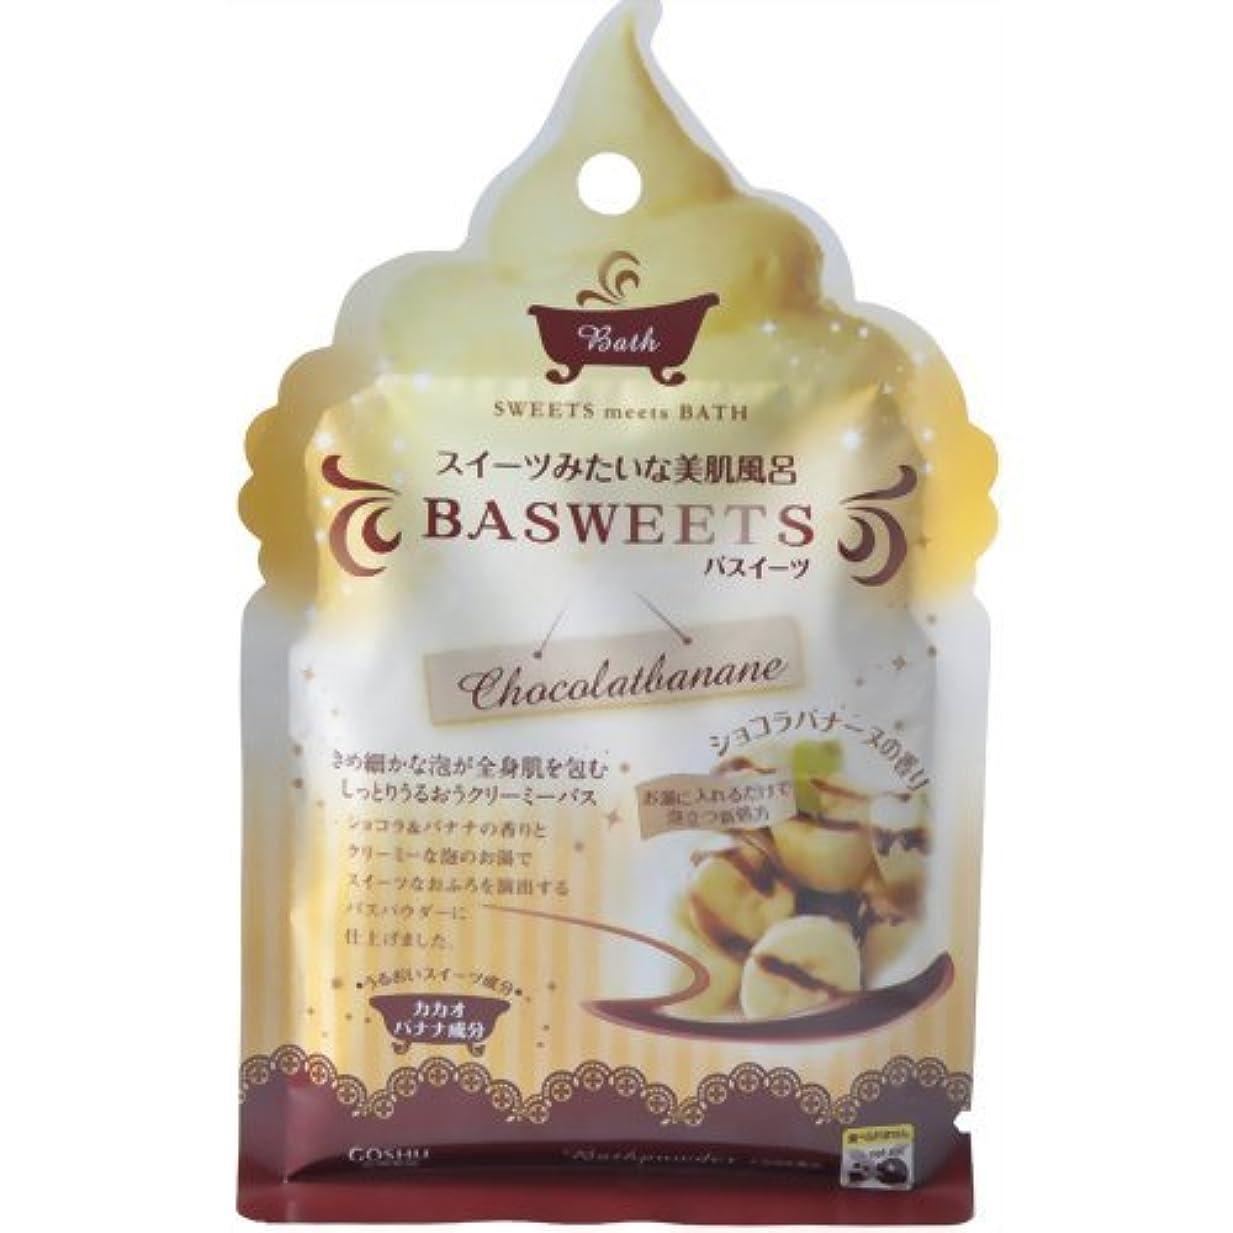 準拠インディカグレーバスイーツ ショコラバナーヌの香り 50g(入浴剤)